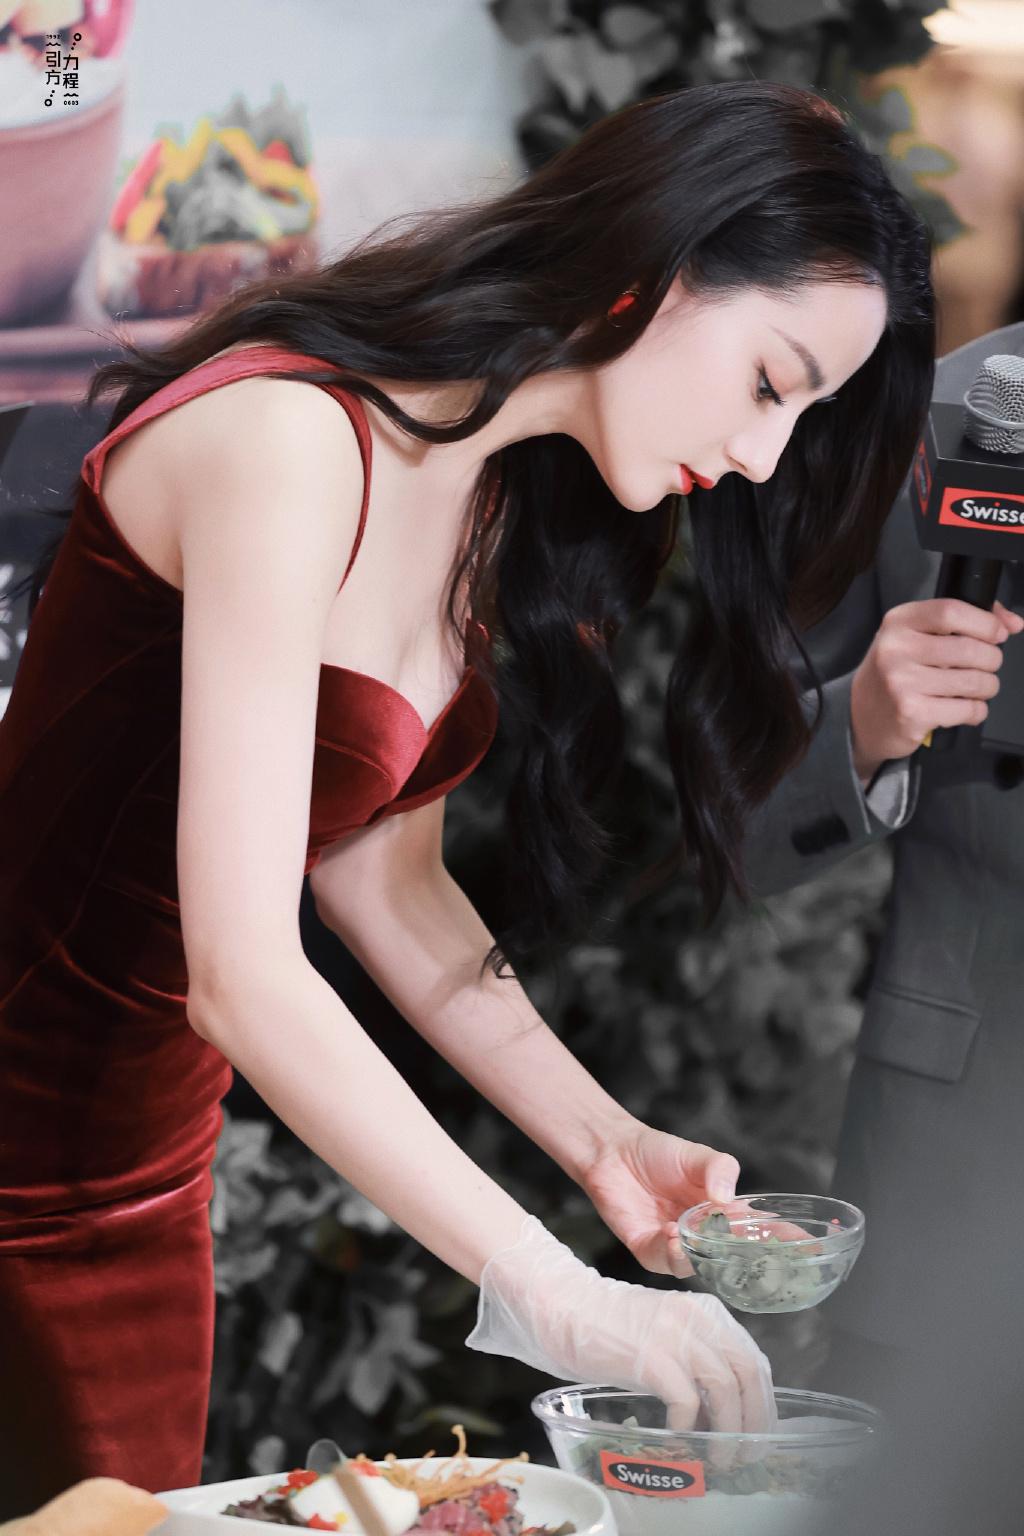 迪丽热巴身材太绝了,一袭酒红色丝绒礼服裙女人味十足,曲线完美